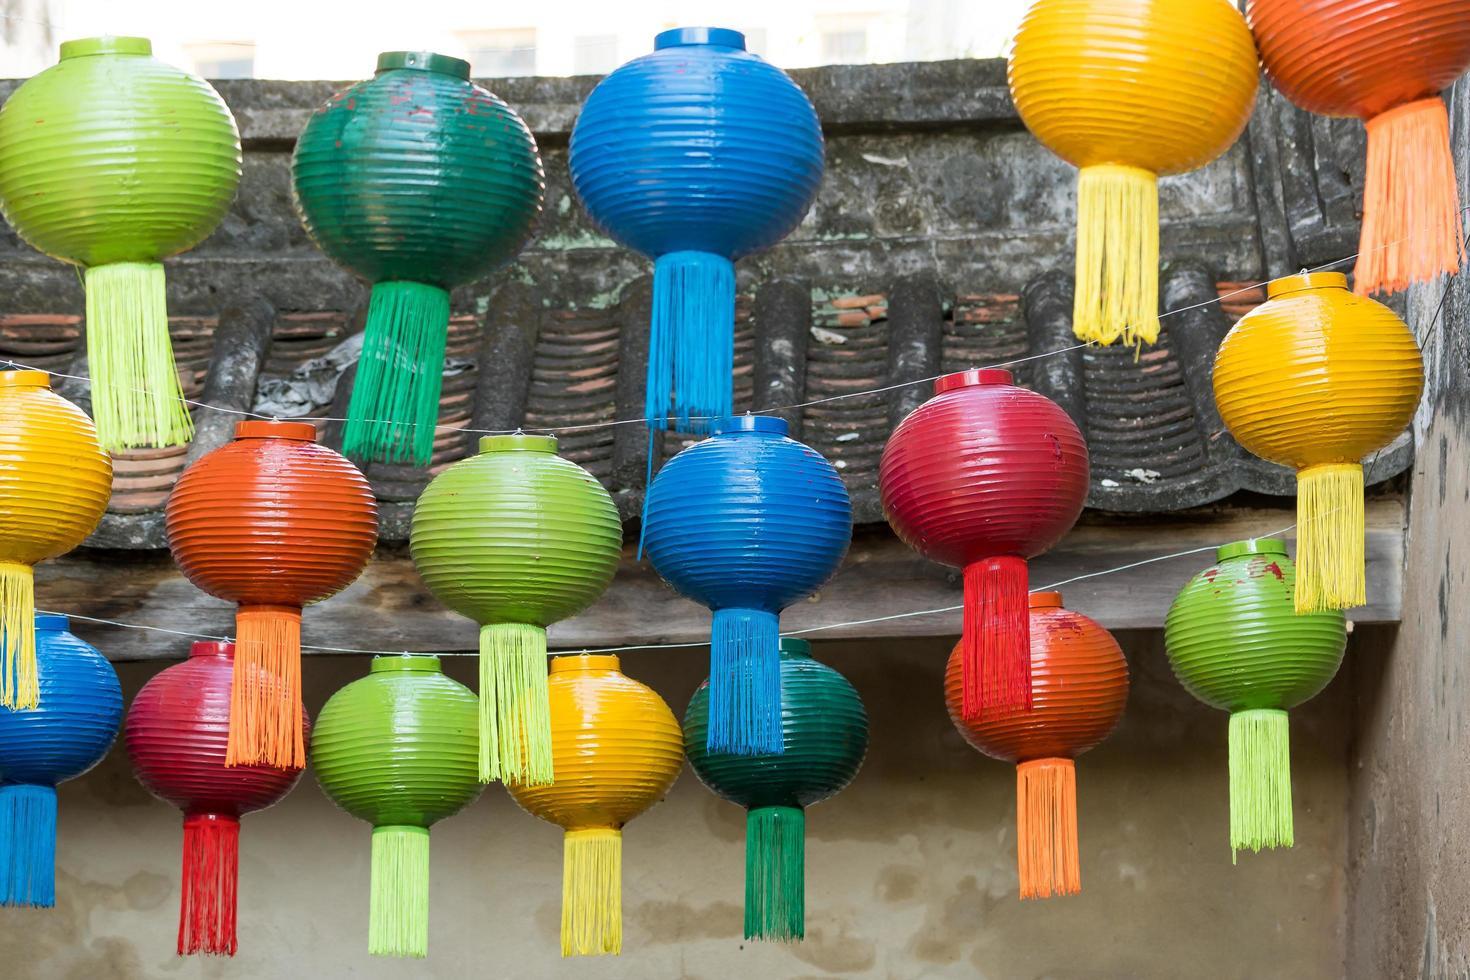 linternas de colores colgando del techo foto